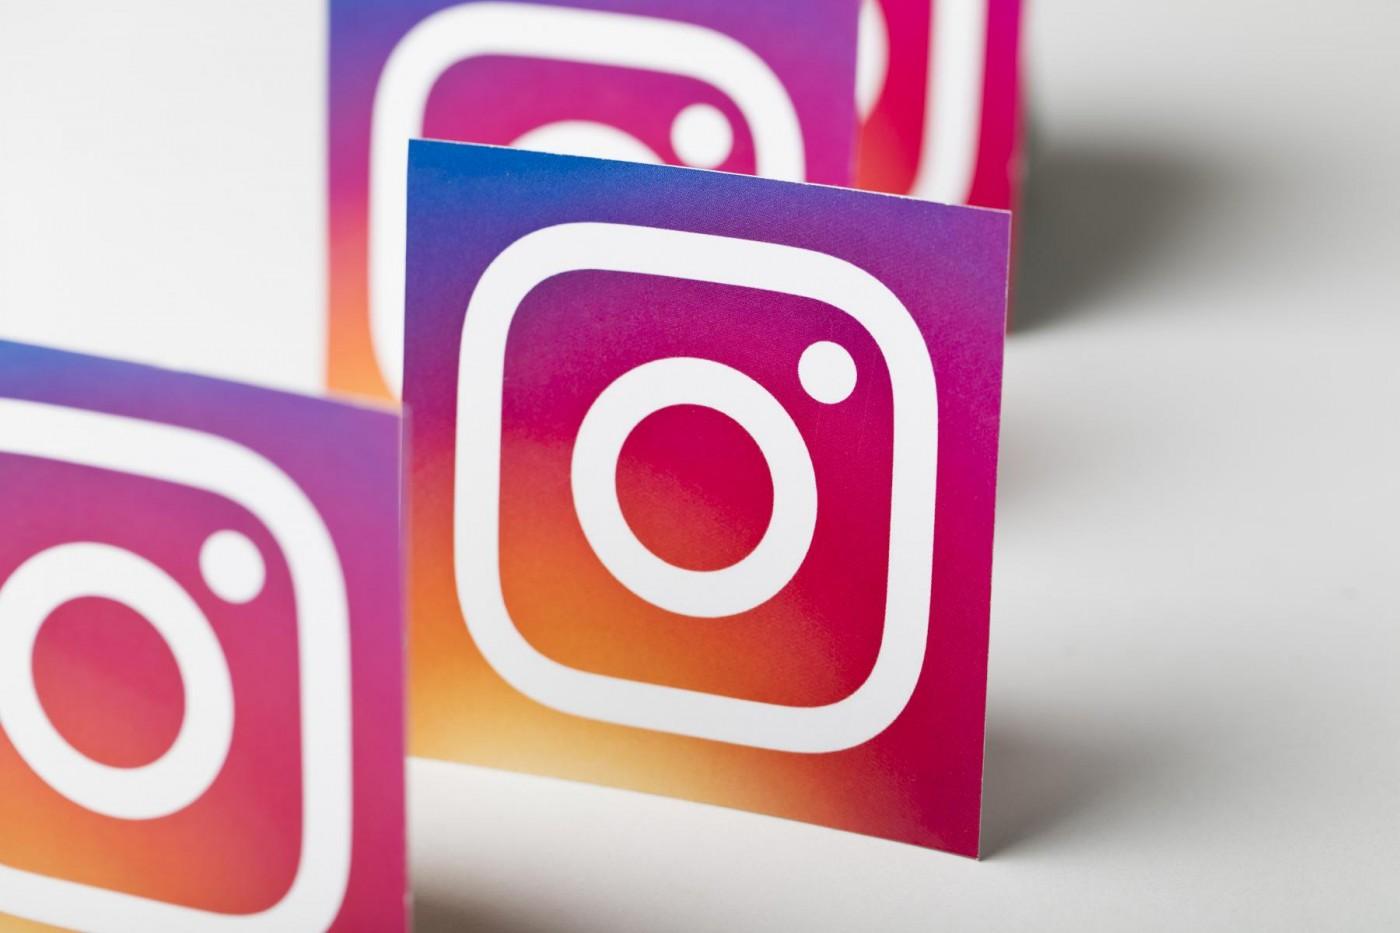 視覺溝通就是未來!Instagram重新設計3.75億人在用的私訊功能